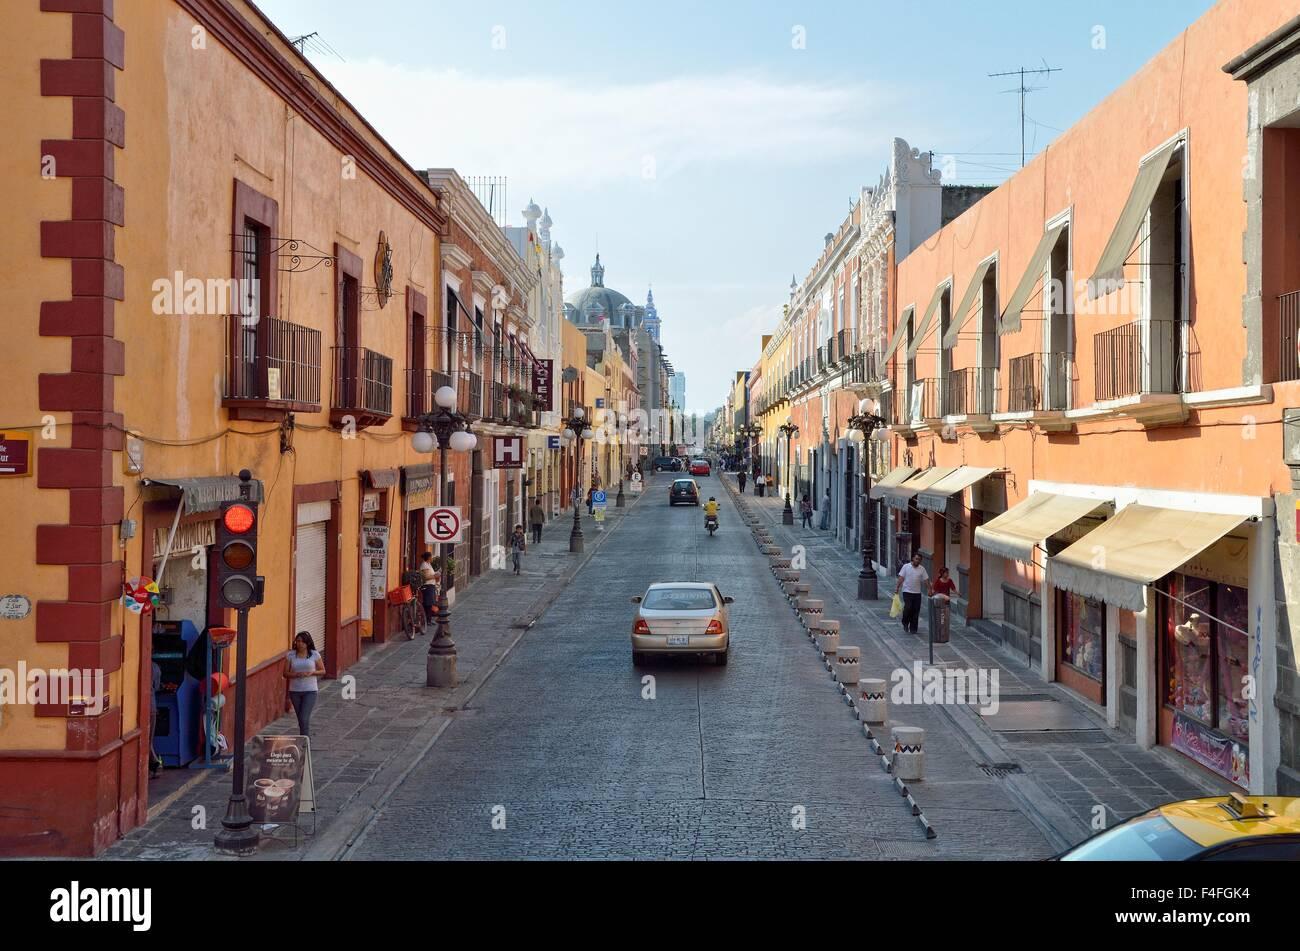 Avenida 7 Oriente, Heroica Puebla de Zaragoza, Puebla, Mexico - Stock Image